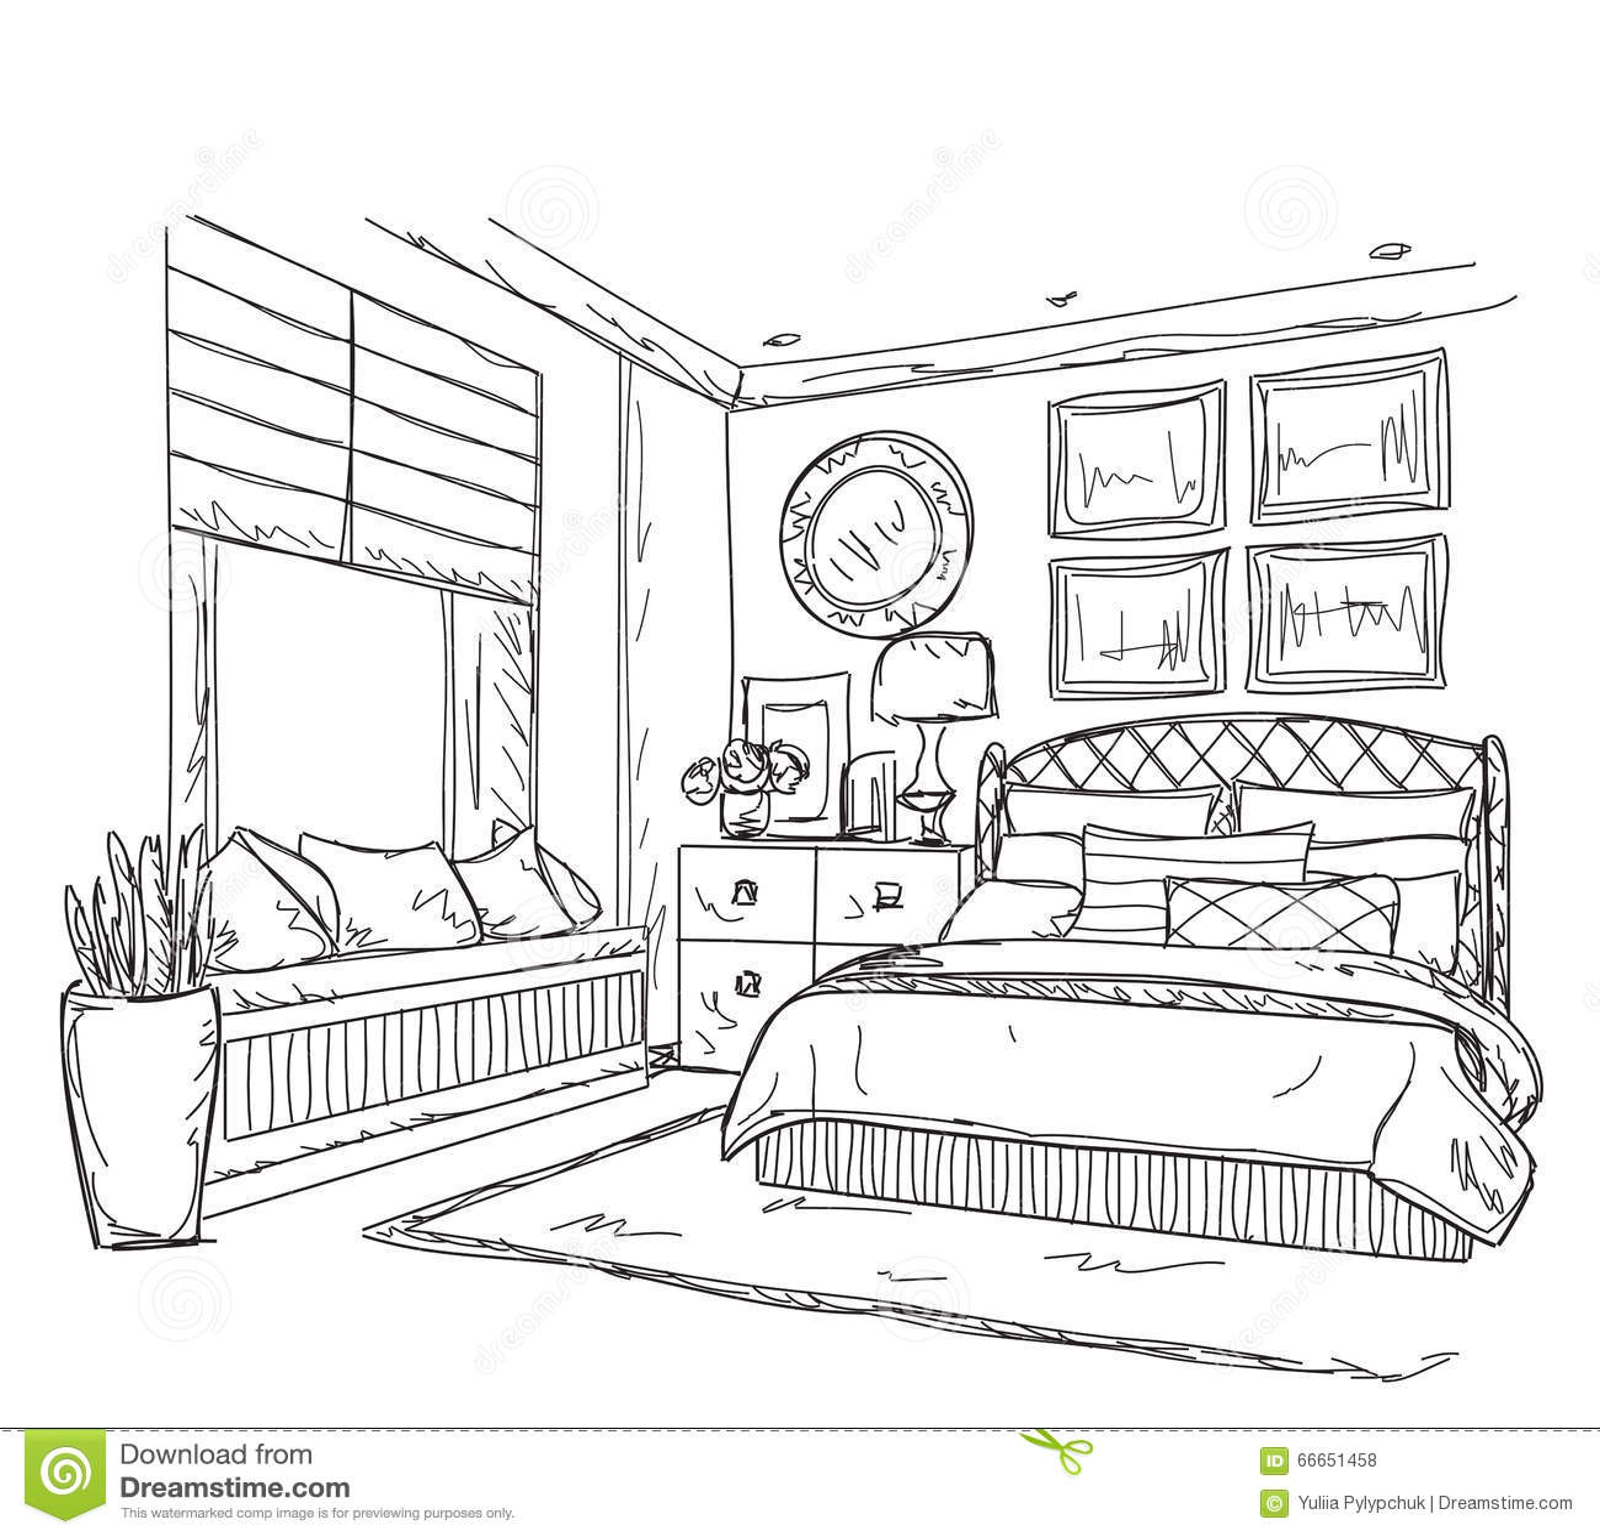 Meuble Chambre Dessin : Une chambre dessin solutions pour la décoration